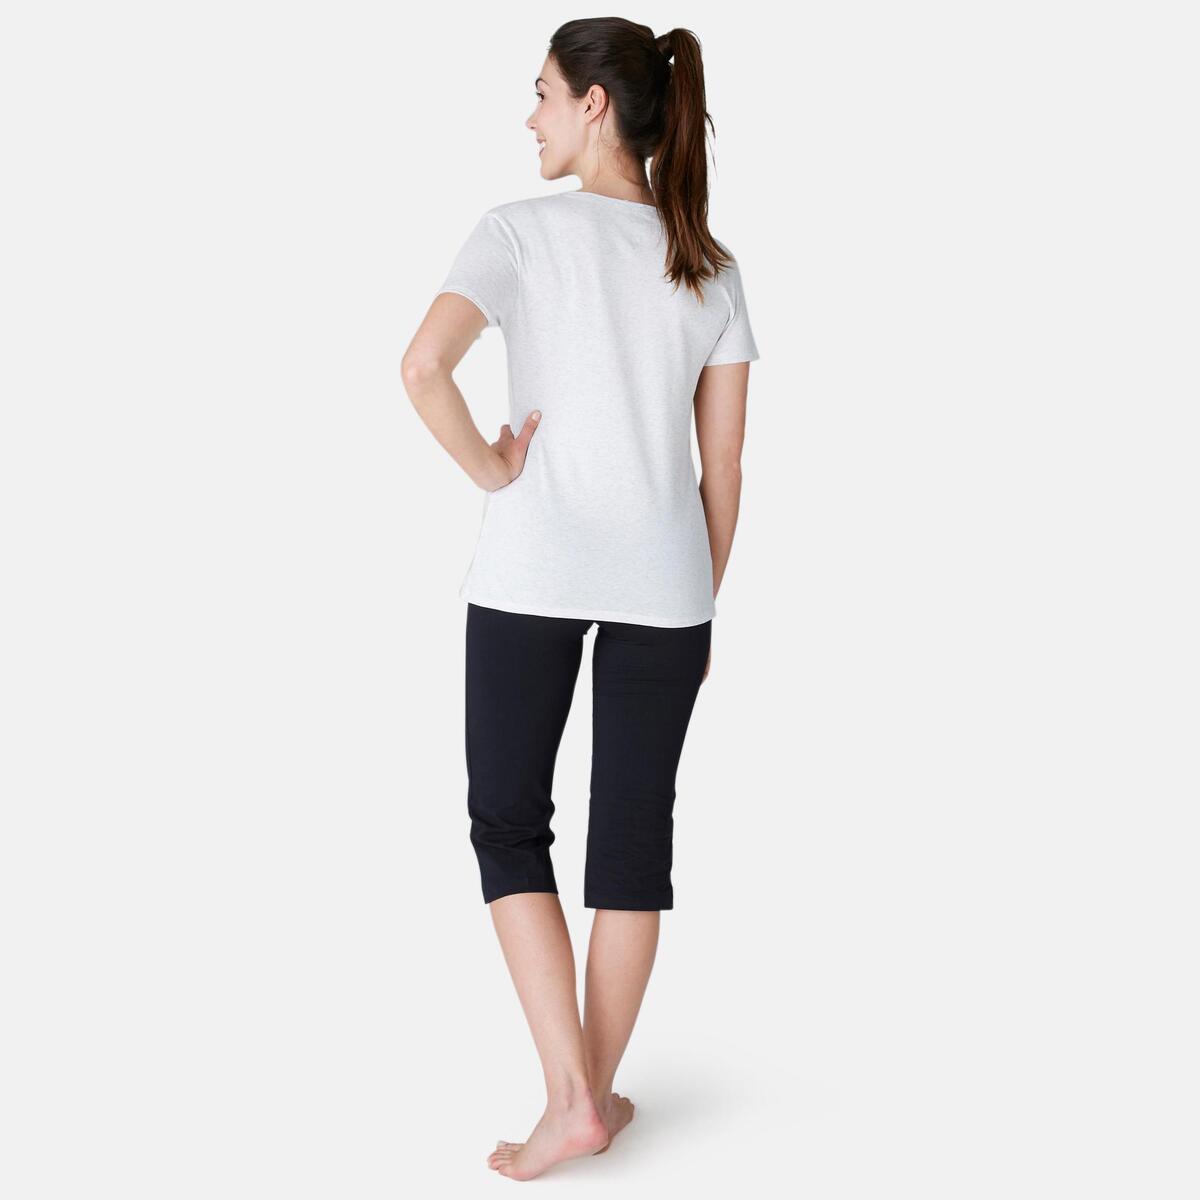 Bild 4 von 3/4-Hose Fit+ 500 Regular Gym & Pilates Damen schwarz